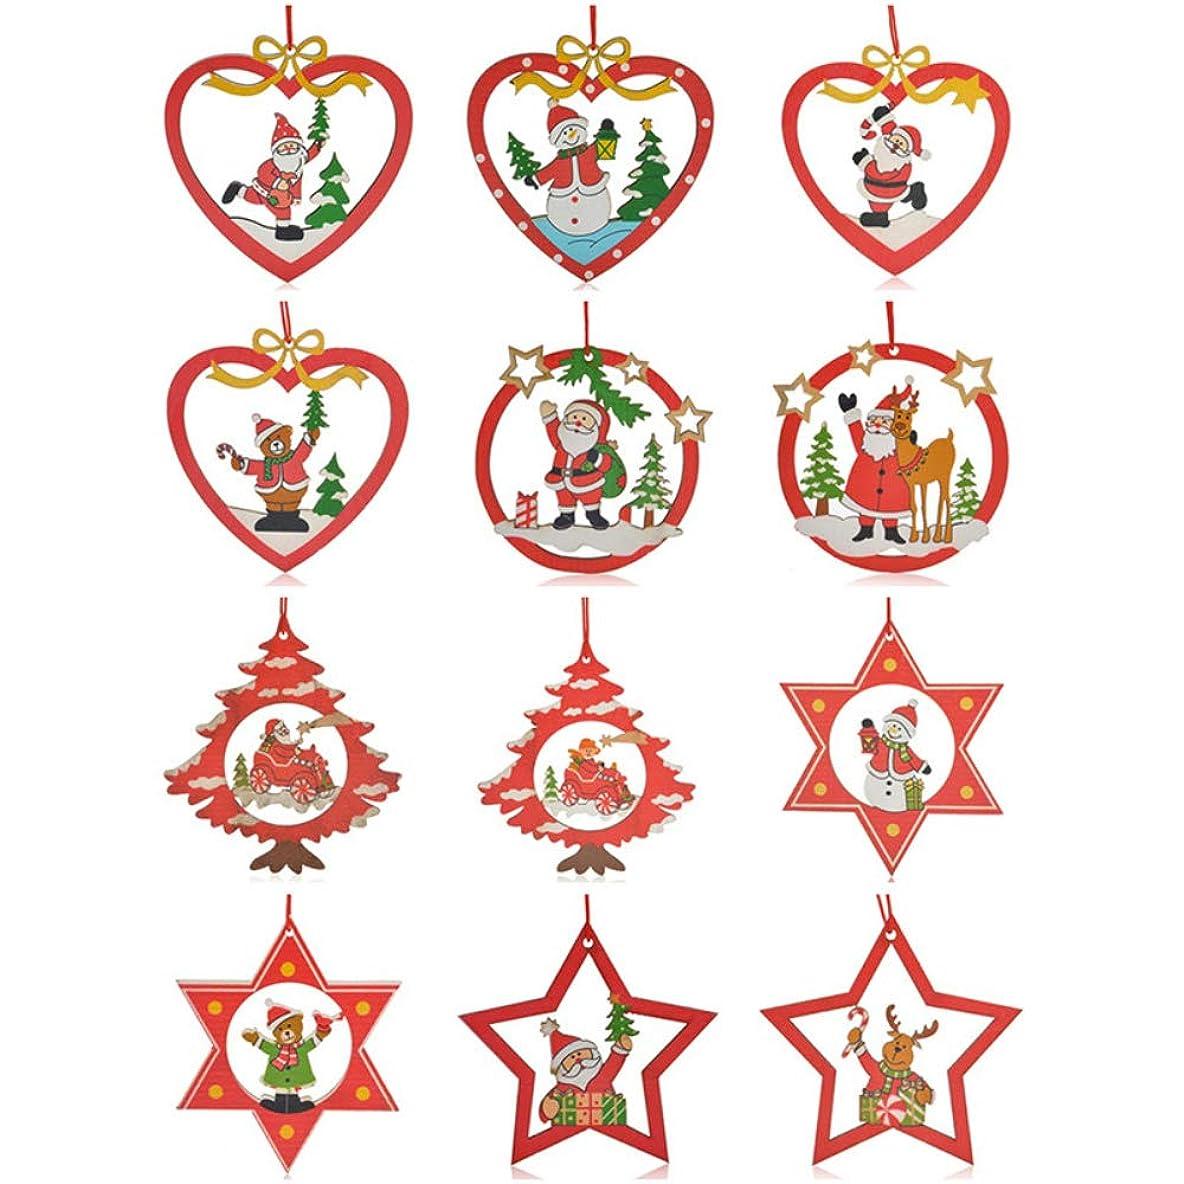 方向バーベキューハントFTC(エフティーシー)クリスマスツリーオーナメント 装飾 飾り ぶら下げ 小物 飾りつけ ギフト パーティー 木製